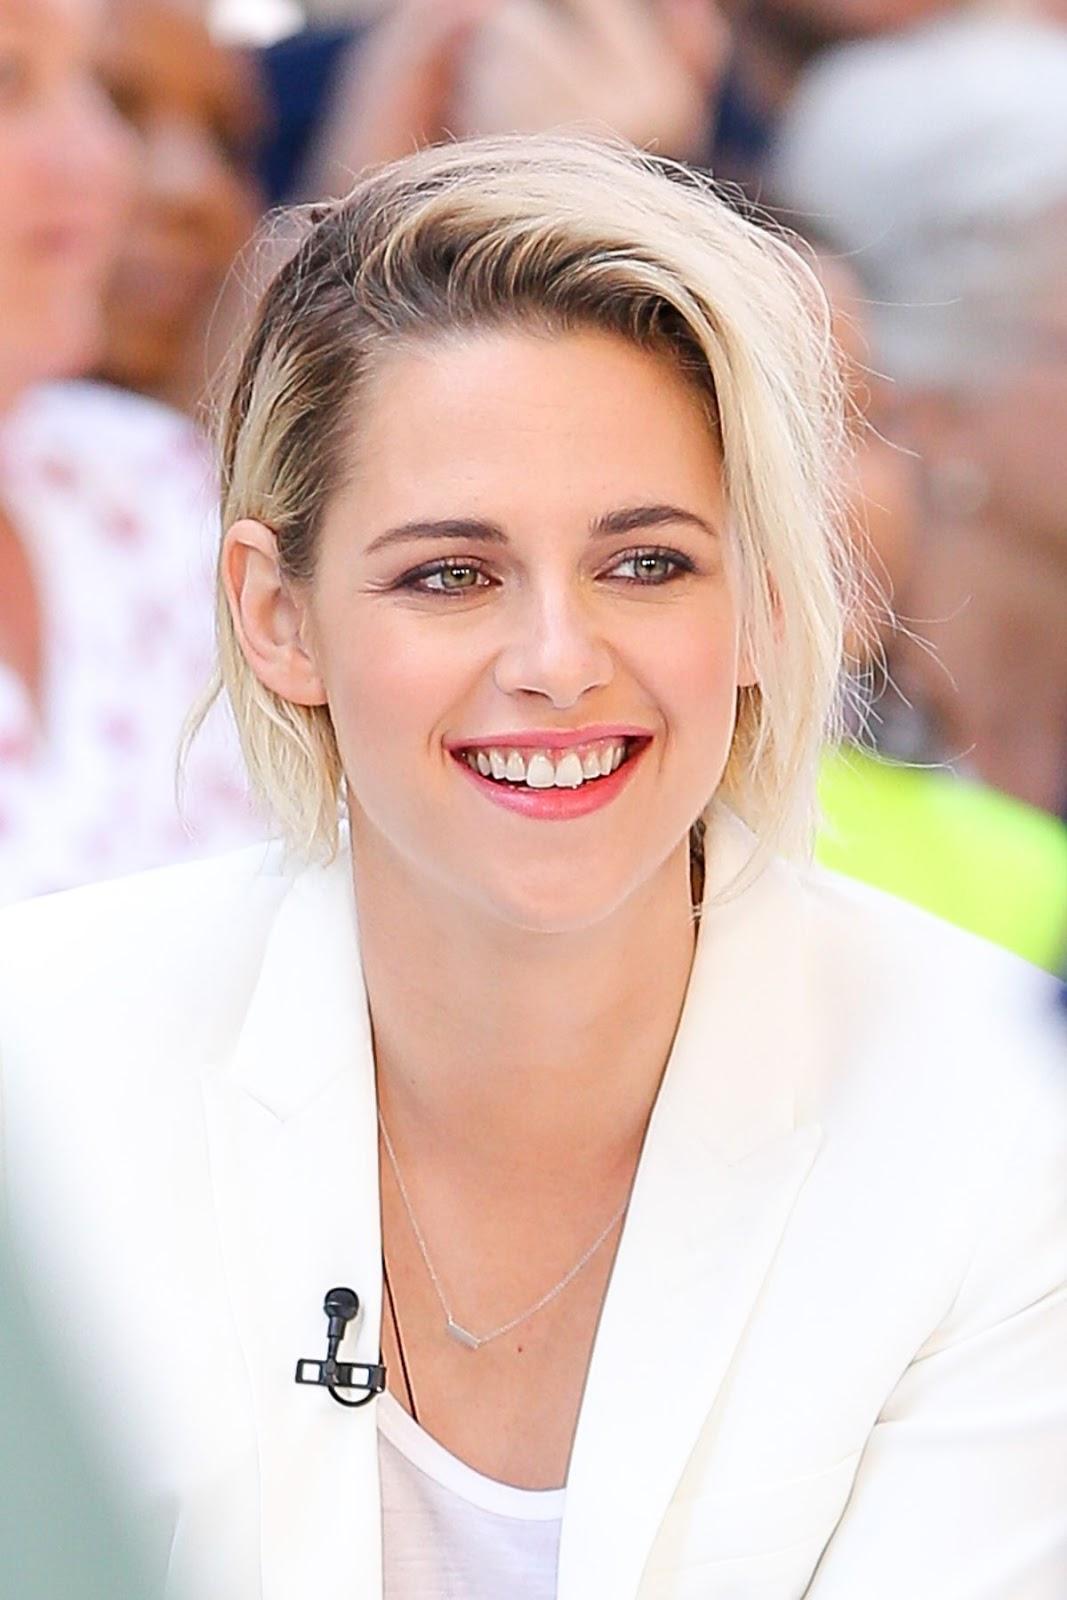 Kristen Stewart On The Set Of Good Morning America